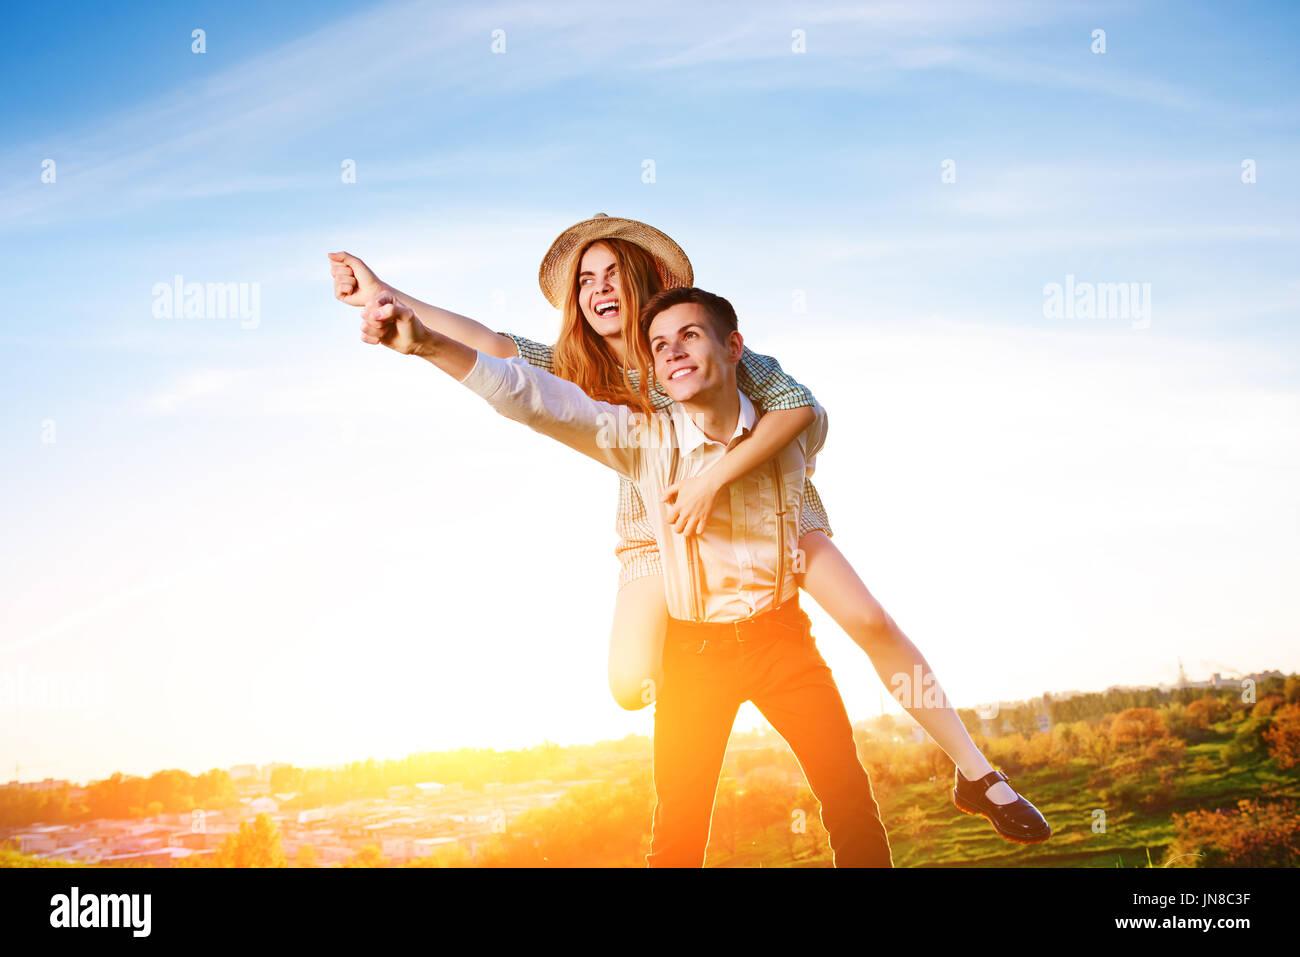 Joven aprovechar su novia feliz con la mano levantada. Los amantes de la alegre soñando. Imagen De Stock